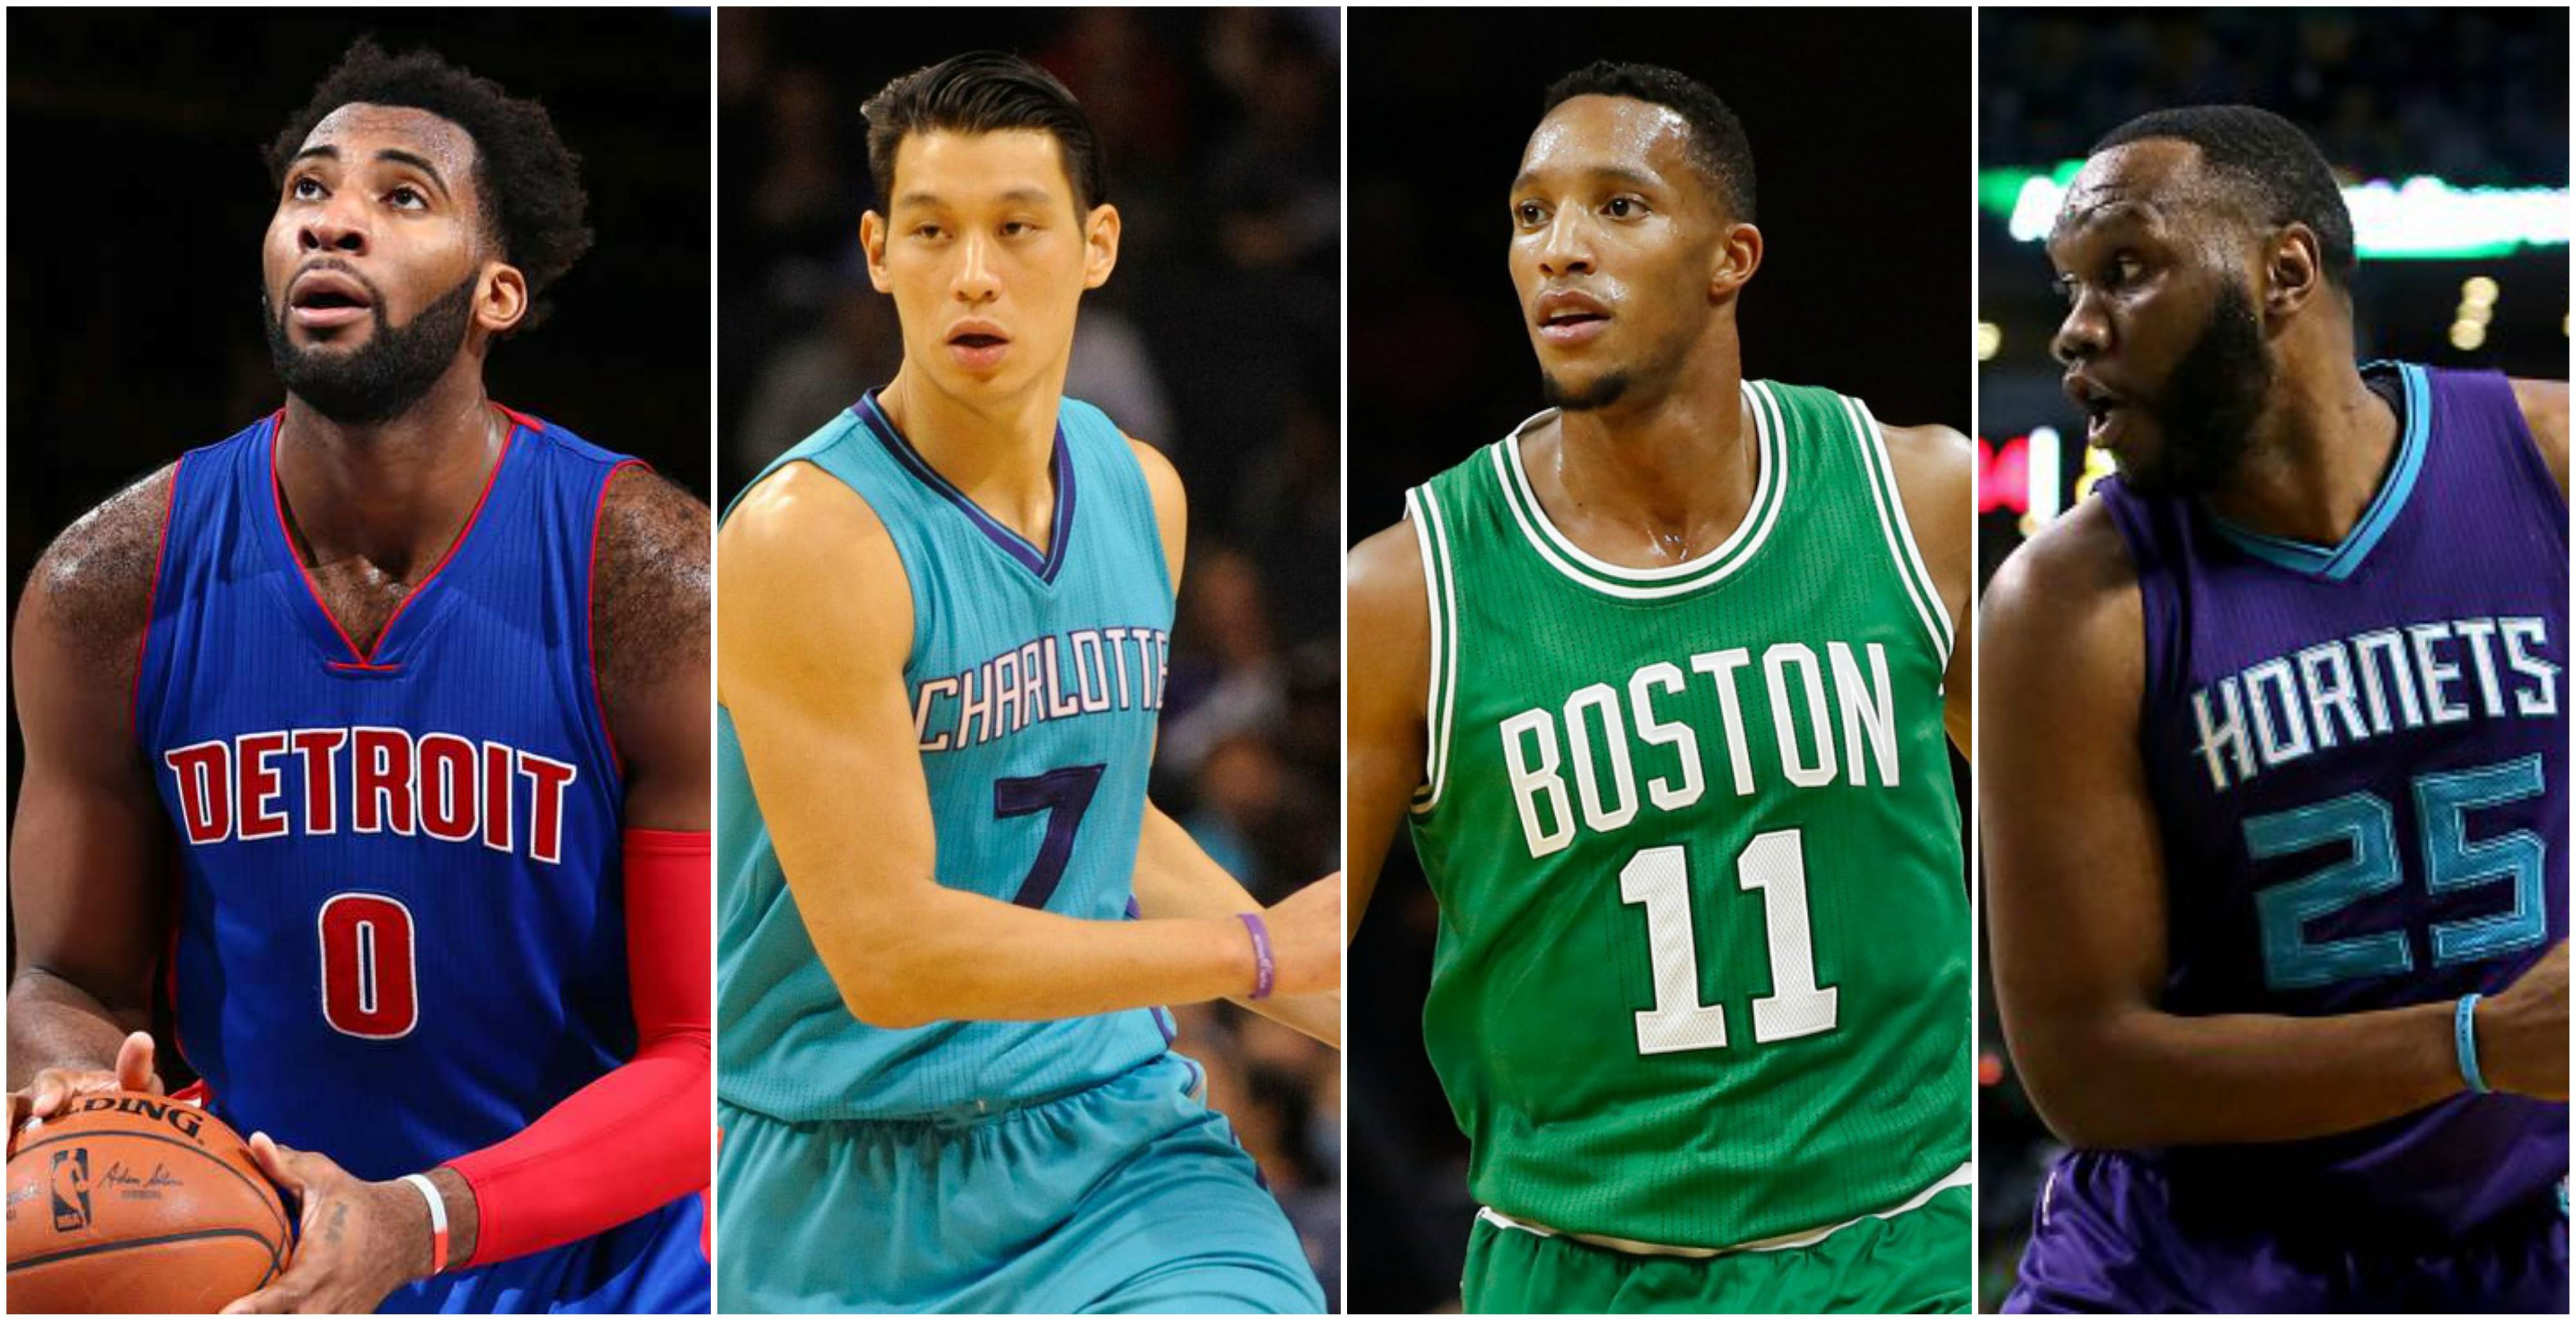 Basket NBA: Lin, Jefferson e Turner cambiano casacca, Drummond resta.